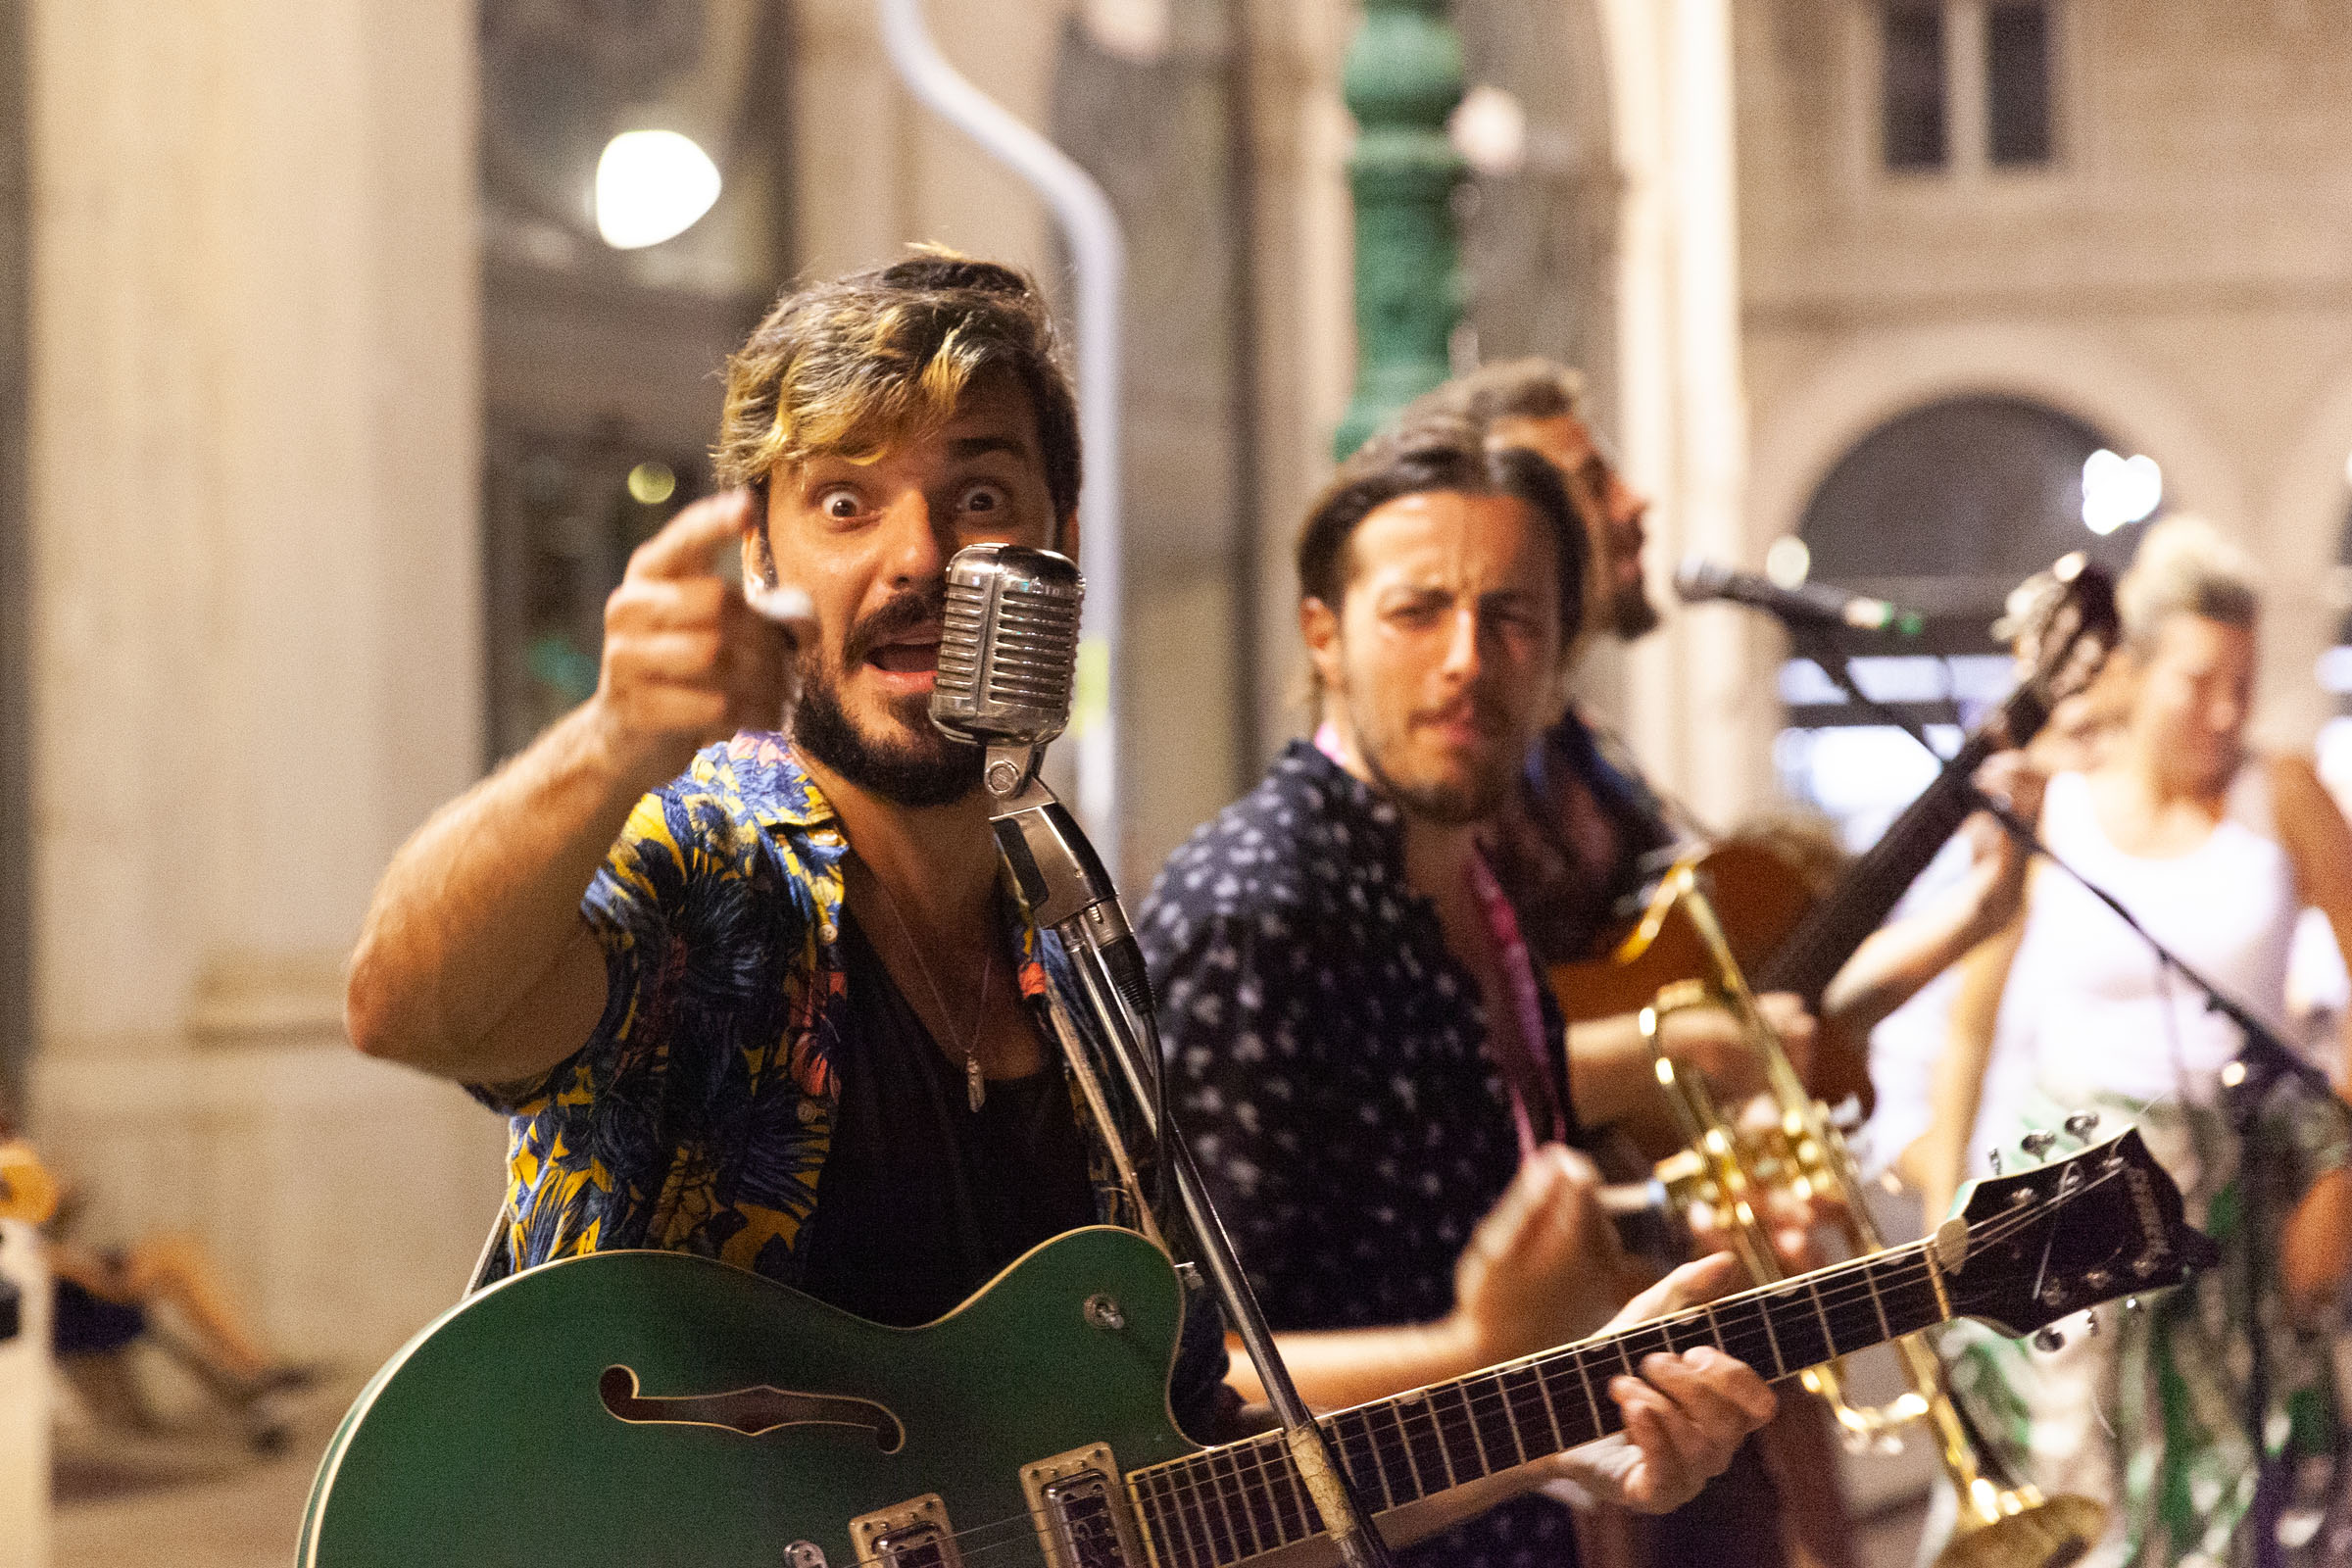 Musicisti di Strada. Torna il mitico Ferrara Buskers Festival, uniti nel potere della musica